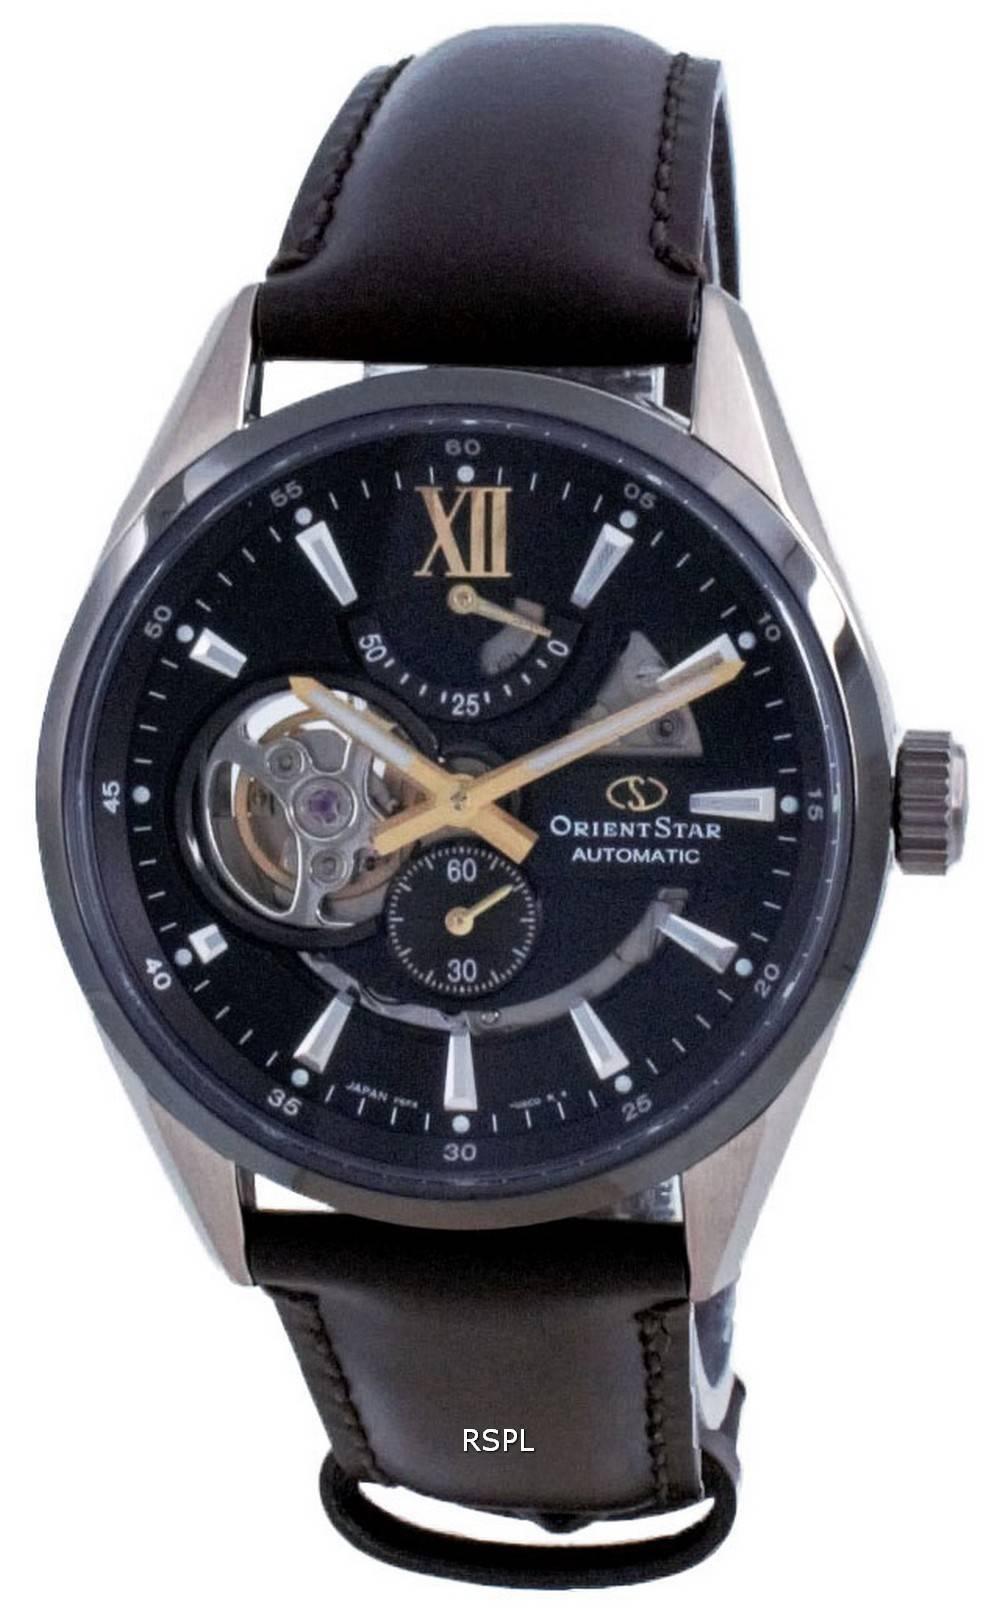 Orient Star Contemporary avoin sydän automaattinen RE-AV0115B00B 100M miesten kello